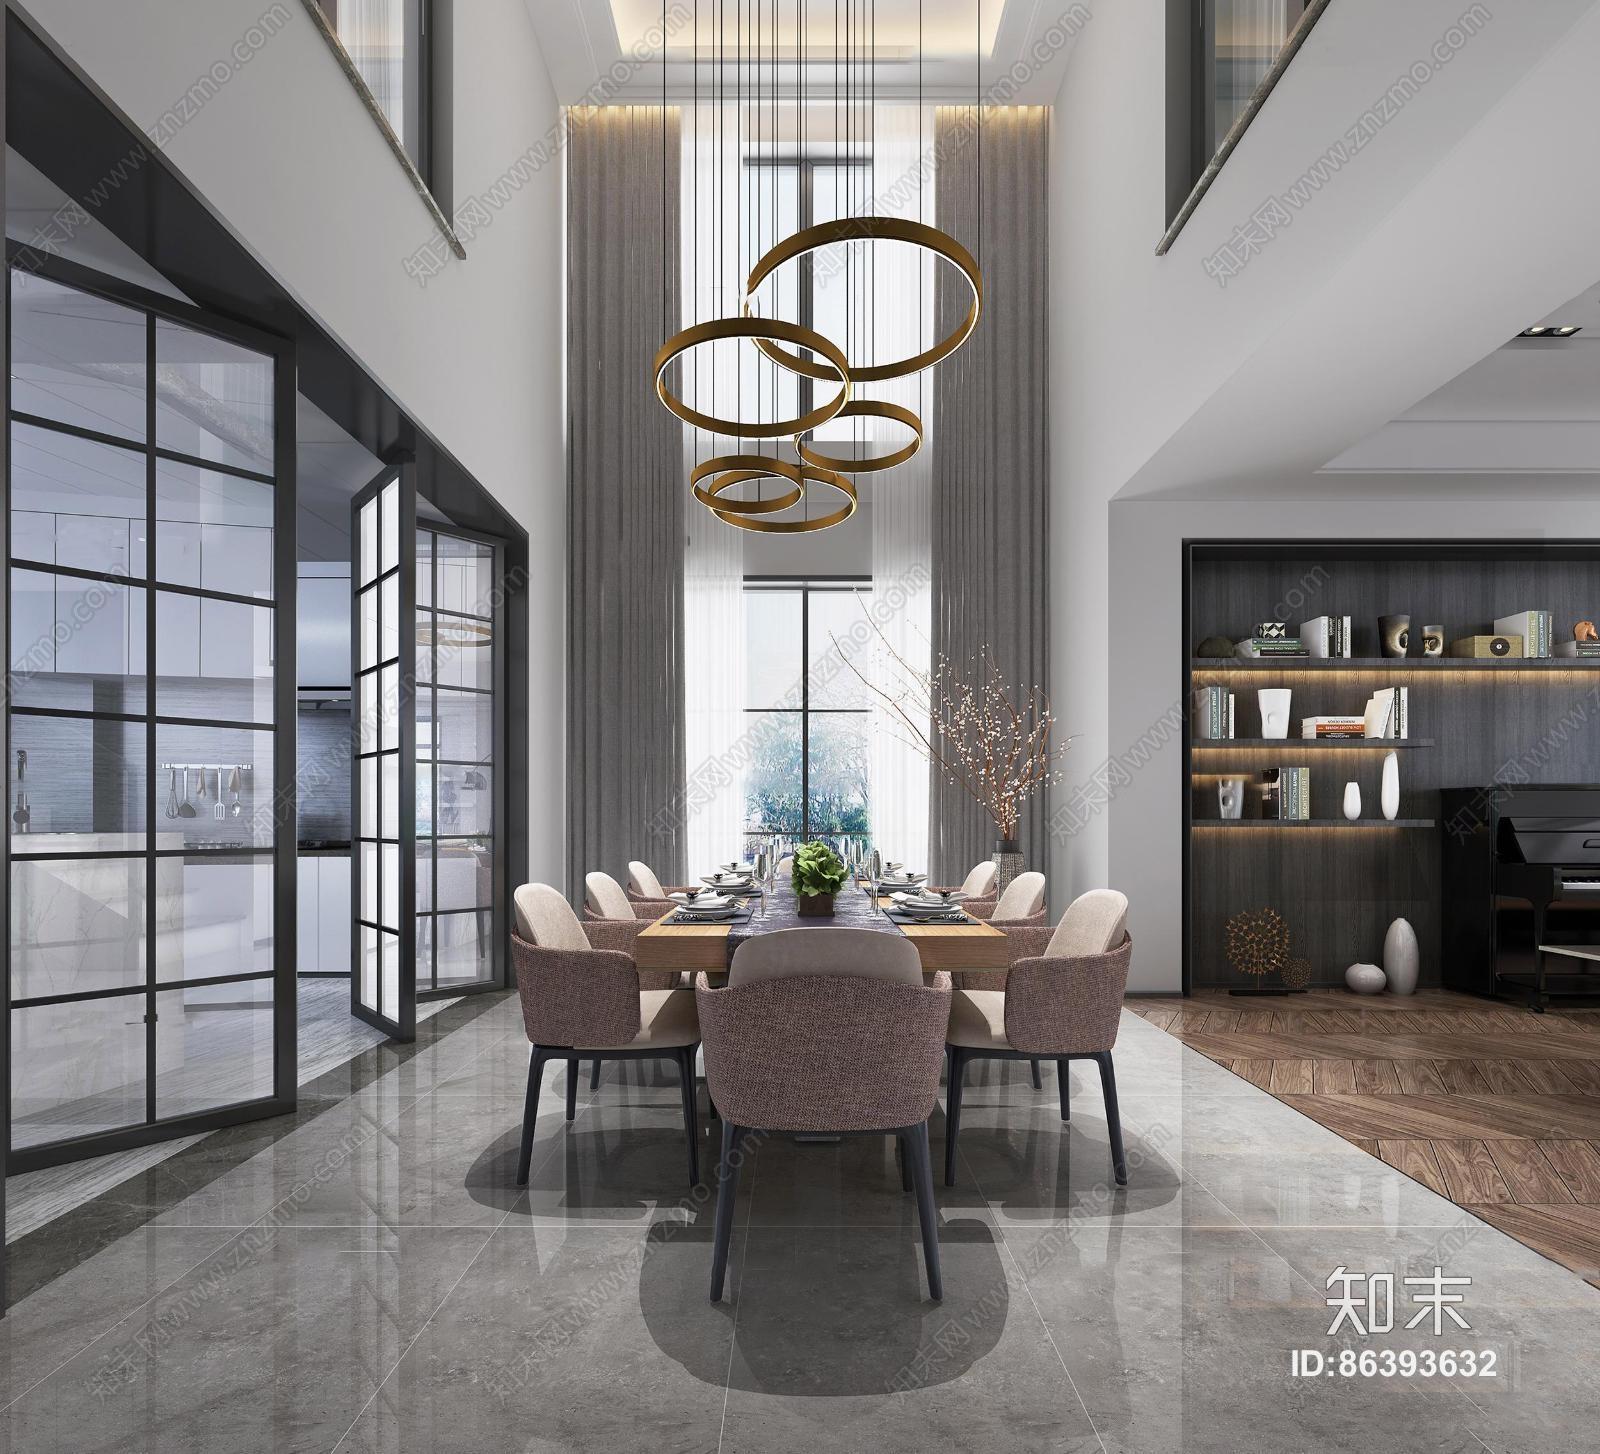 现代客厅餐厅 吊灯 台灯 钢琴 单双人沙发 茶几 装饰柜 陈设摆件 餐桌椅 挂画 置物架